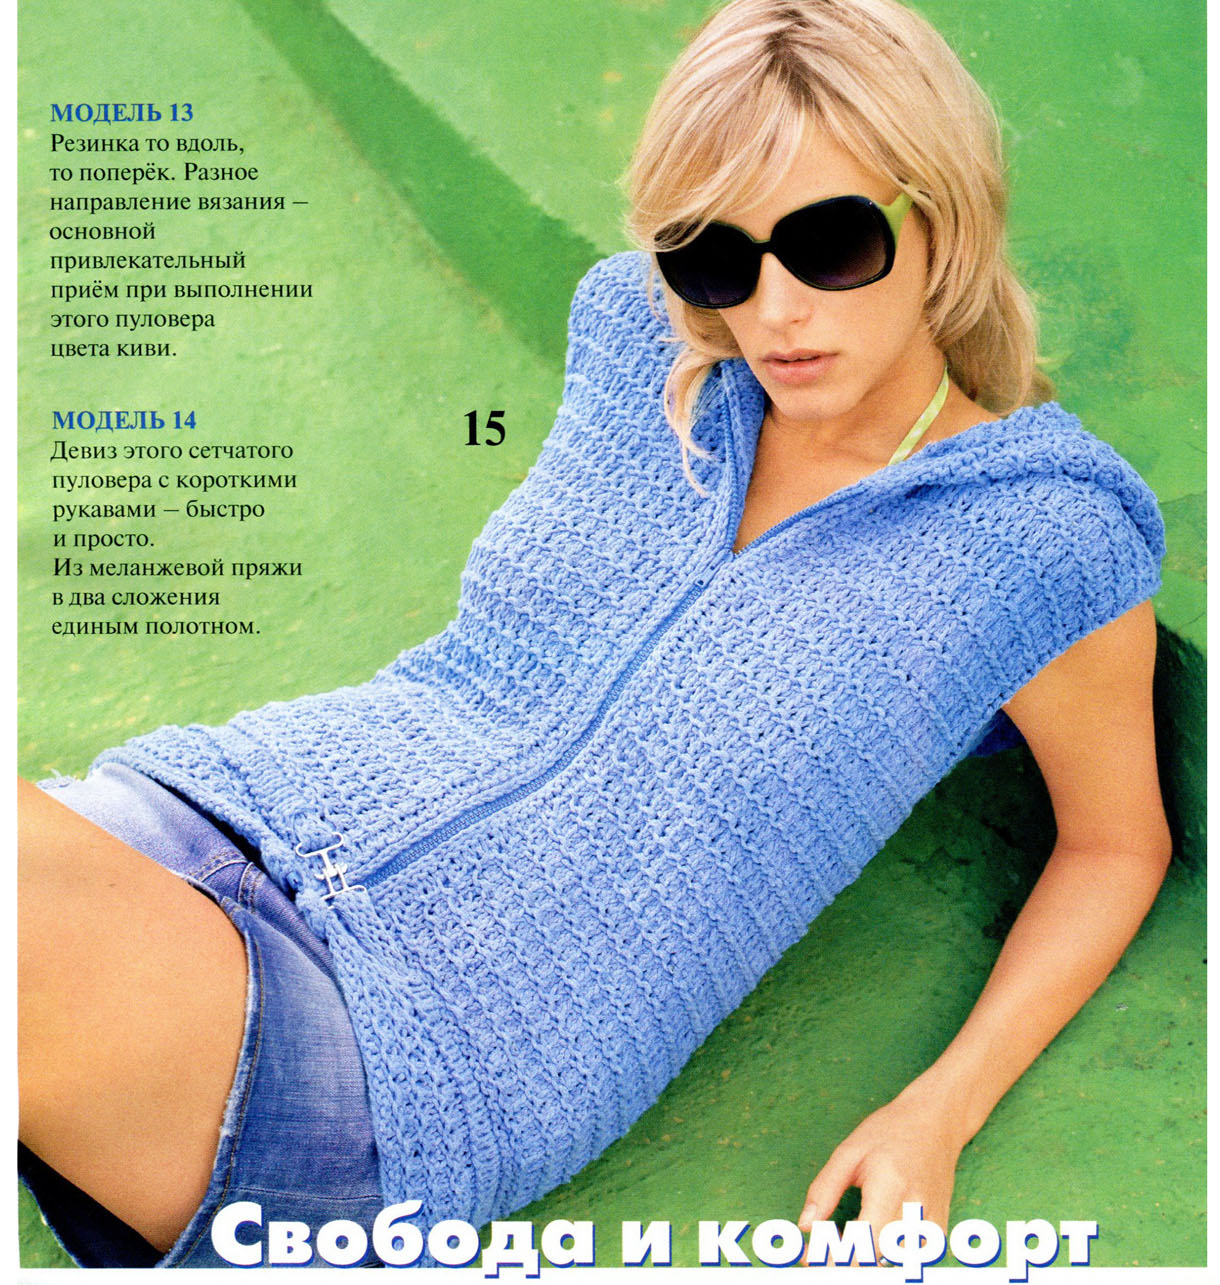 Любители вышивки и вязания